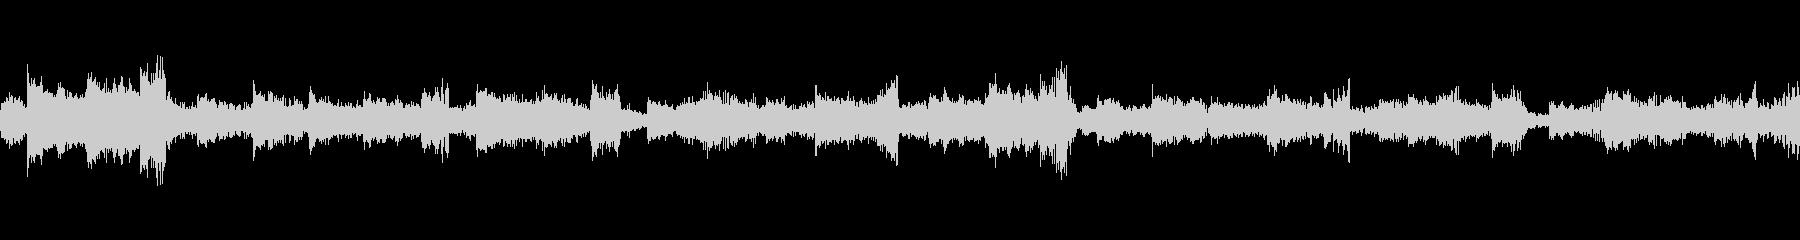 アコースティックギターLOOPの未再生の波形